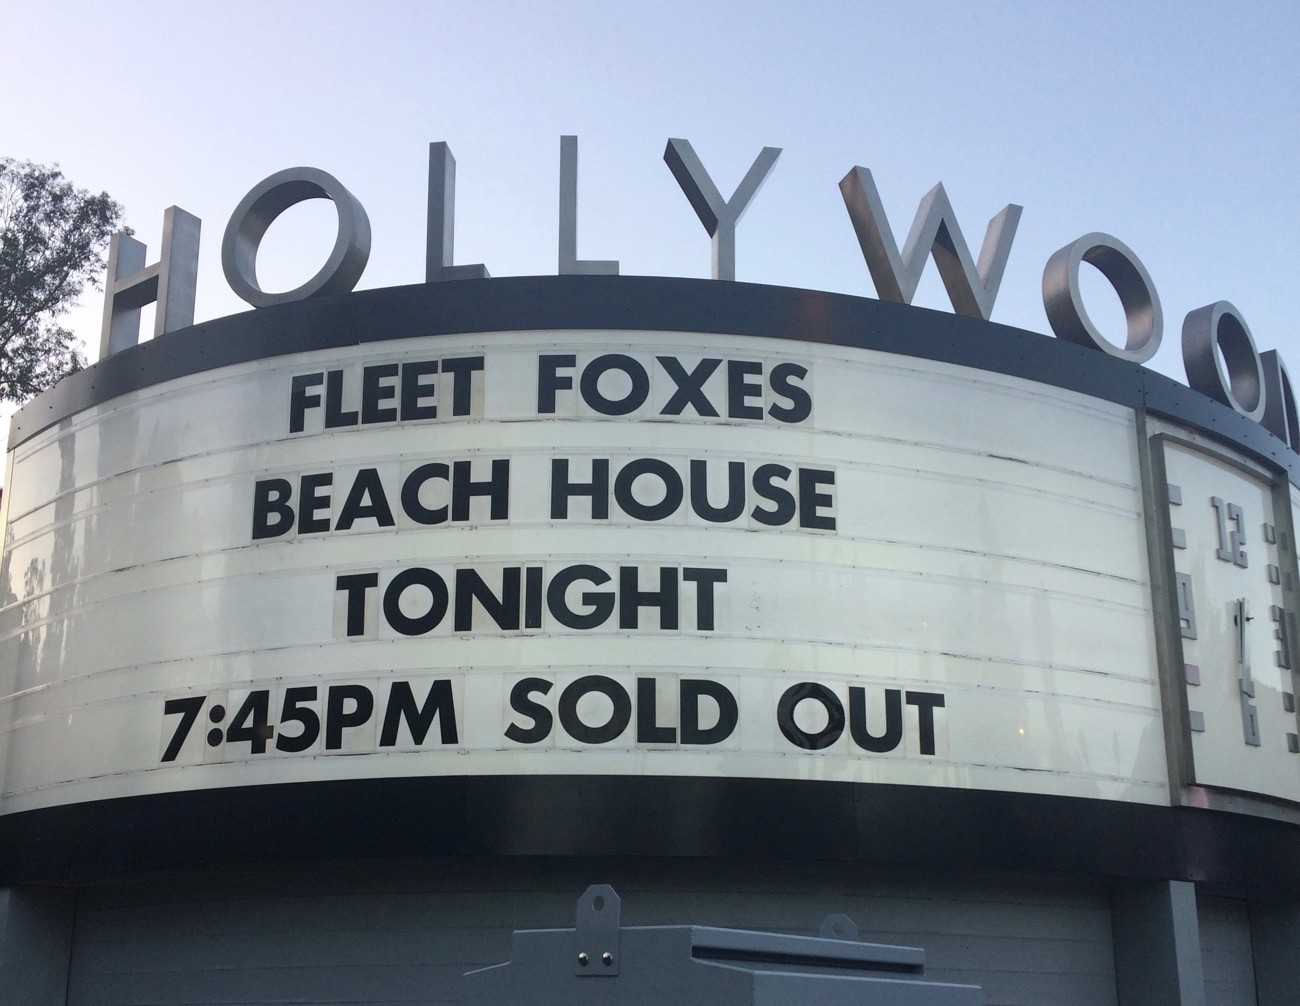 Fleet Foxes & Beach House @ Hollywood Bowl, 9/23/17